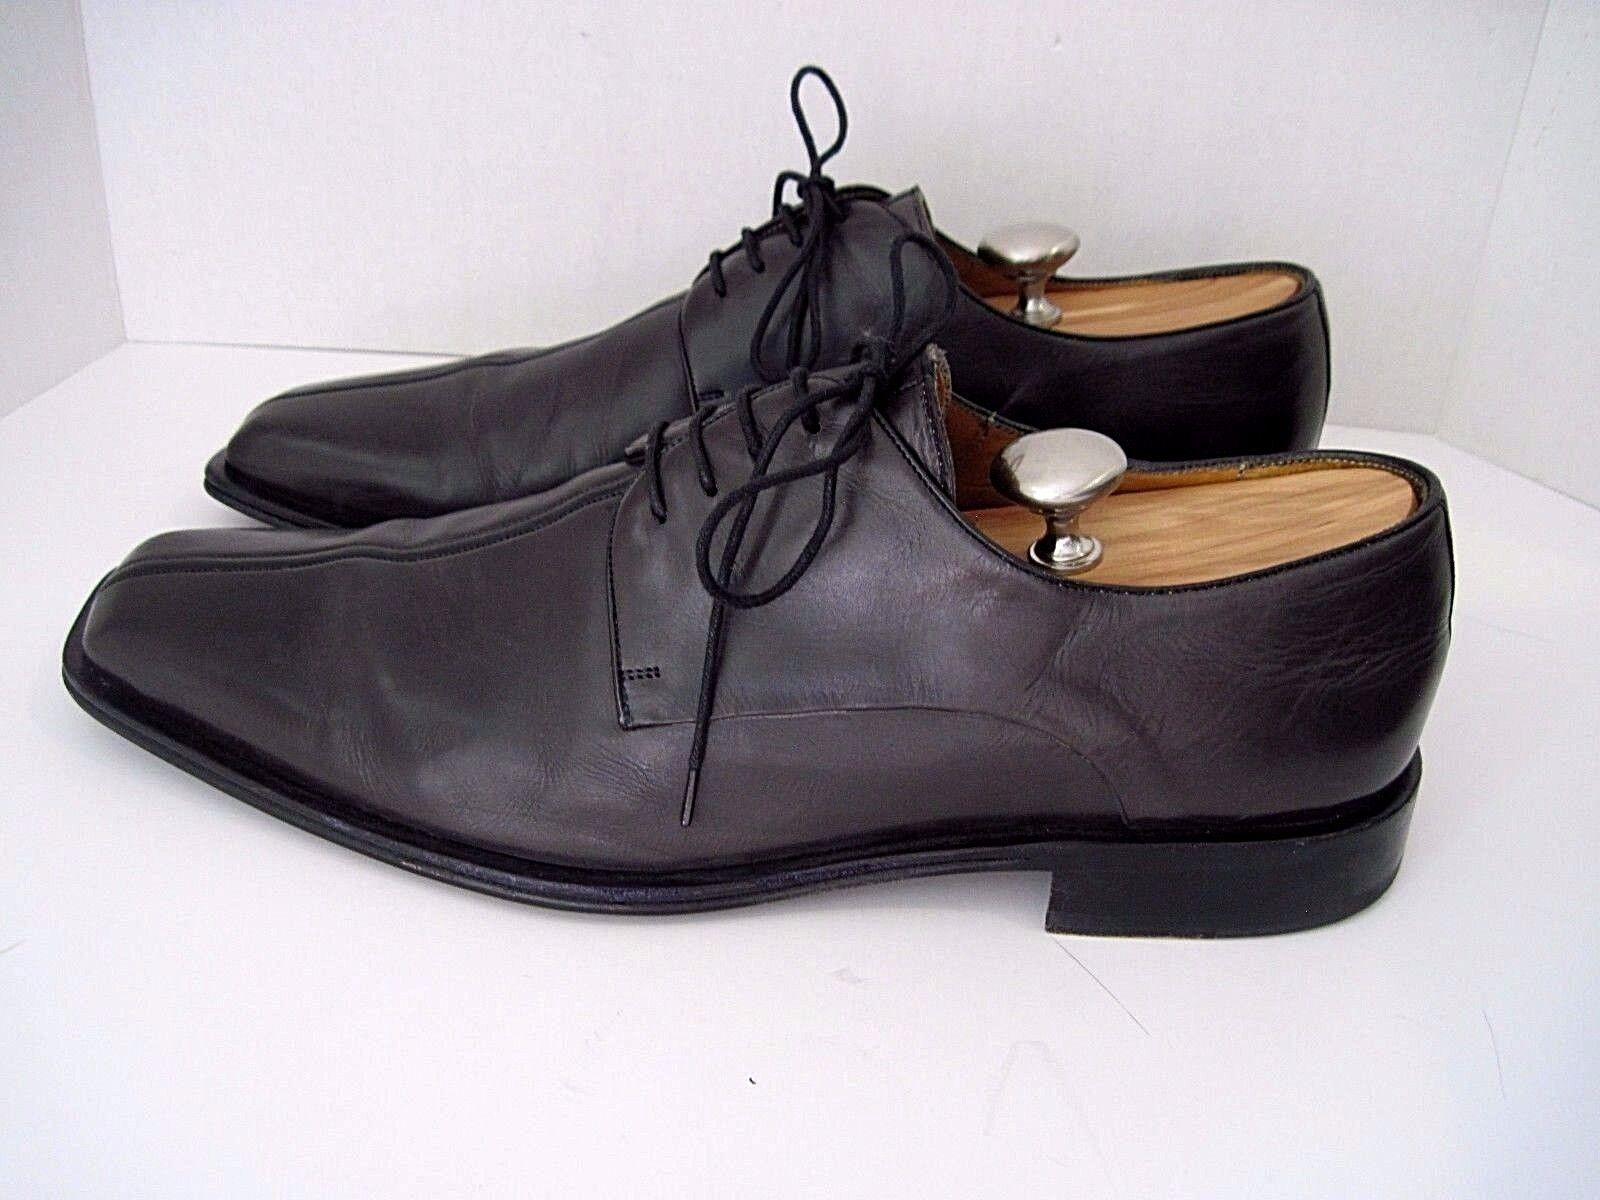 più economico Mezlan Custom 'SOLOMAN' nero Leather Oxfords Dimensione Dimensione Dimensione 13 M   448  economico online